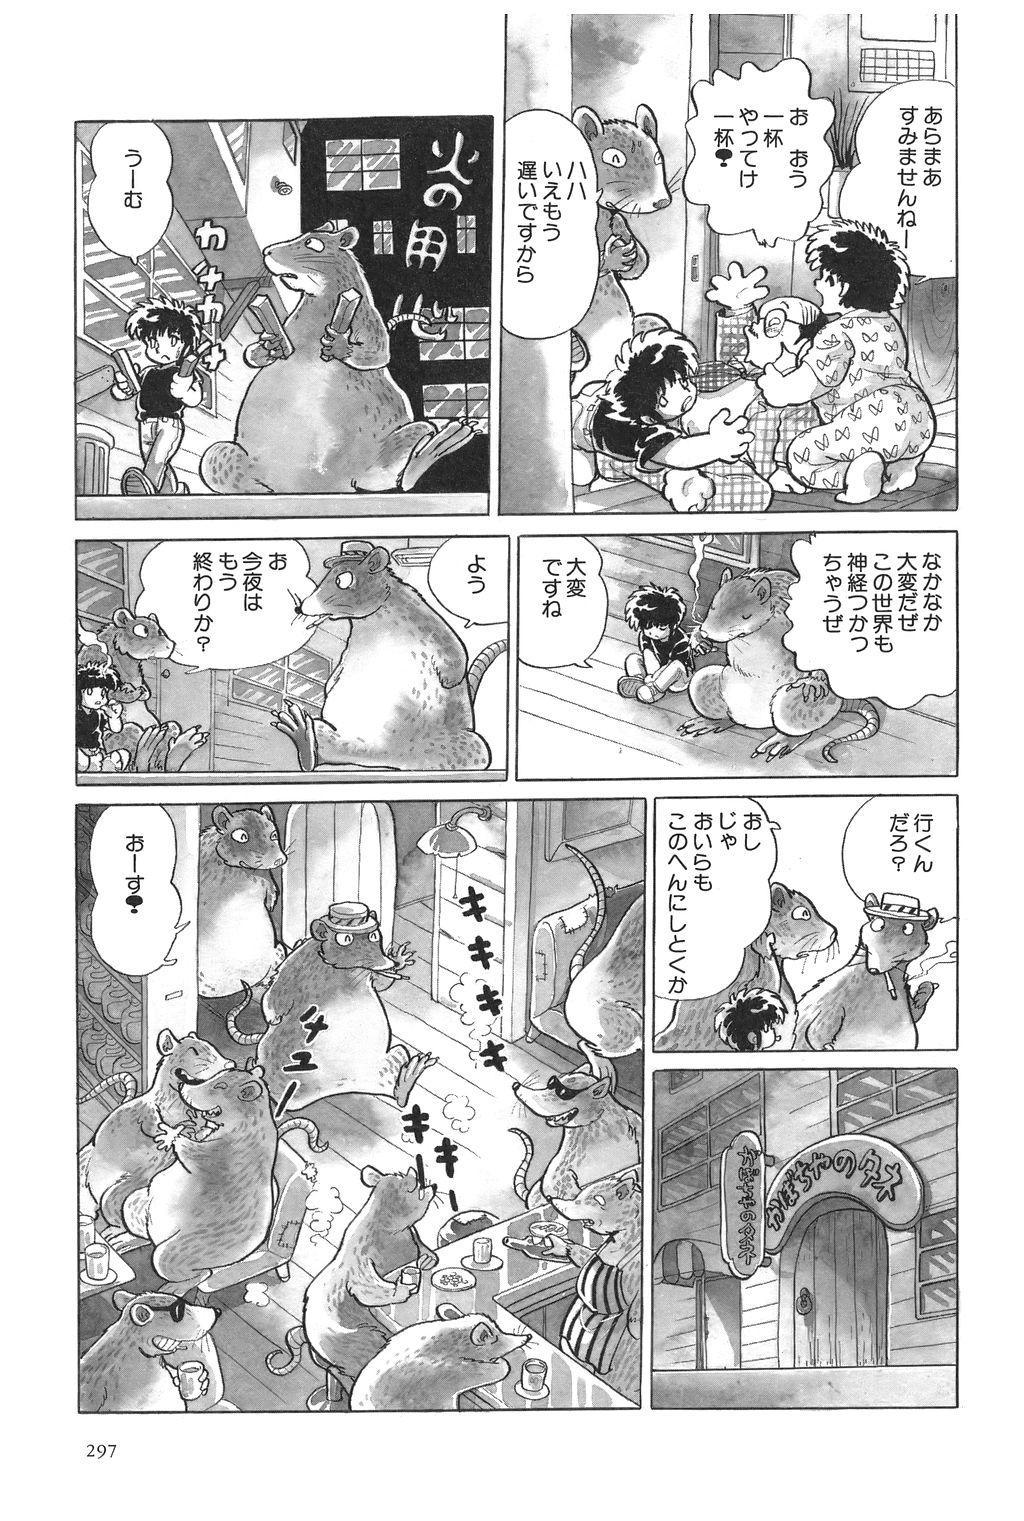 Azuma Hideo Sakuhin Shuusei - Yoru no Tobari no Naka de 298